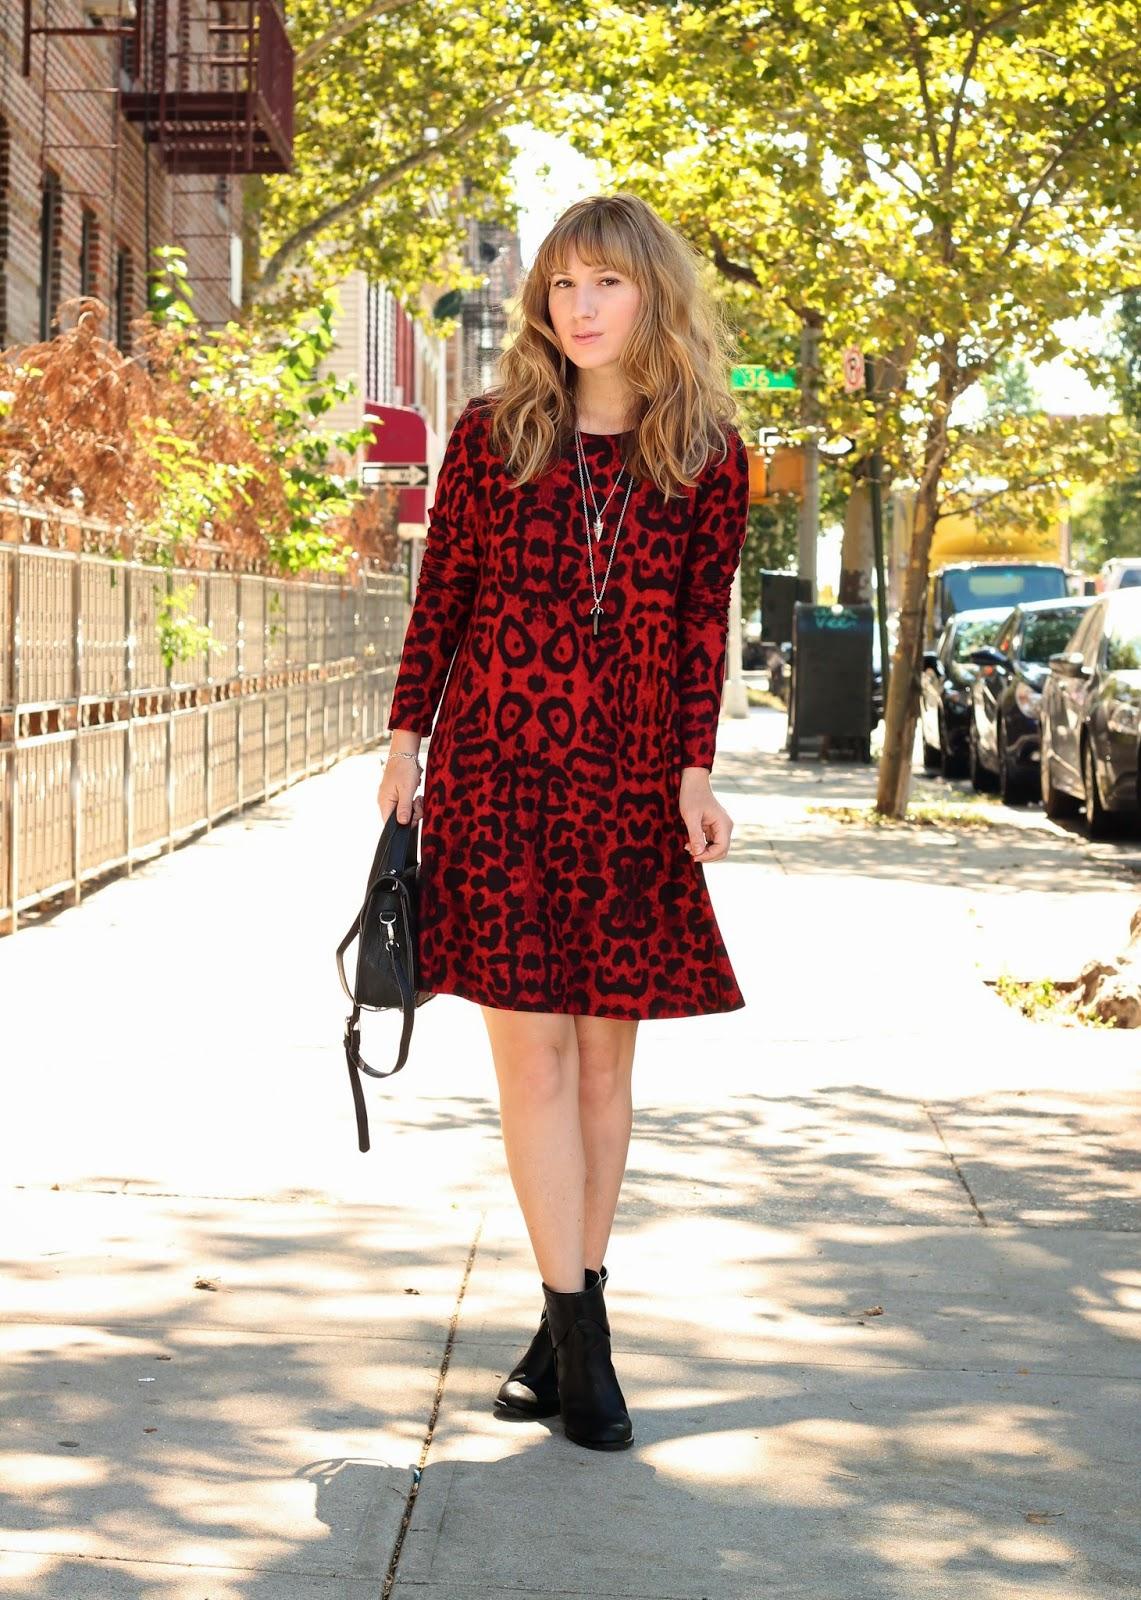 mod, grunge, glam grunge, leopard, swing dress, boots, boots & dress